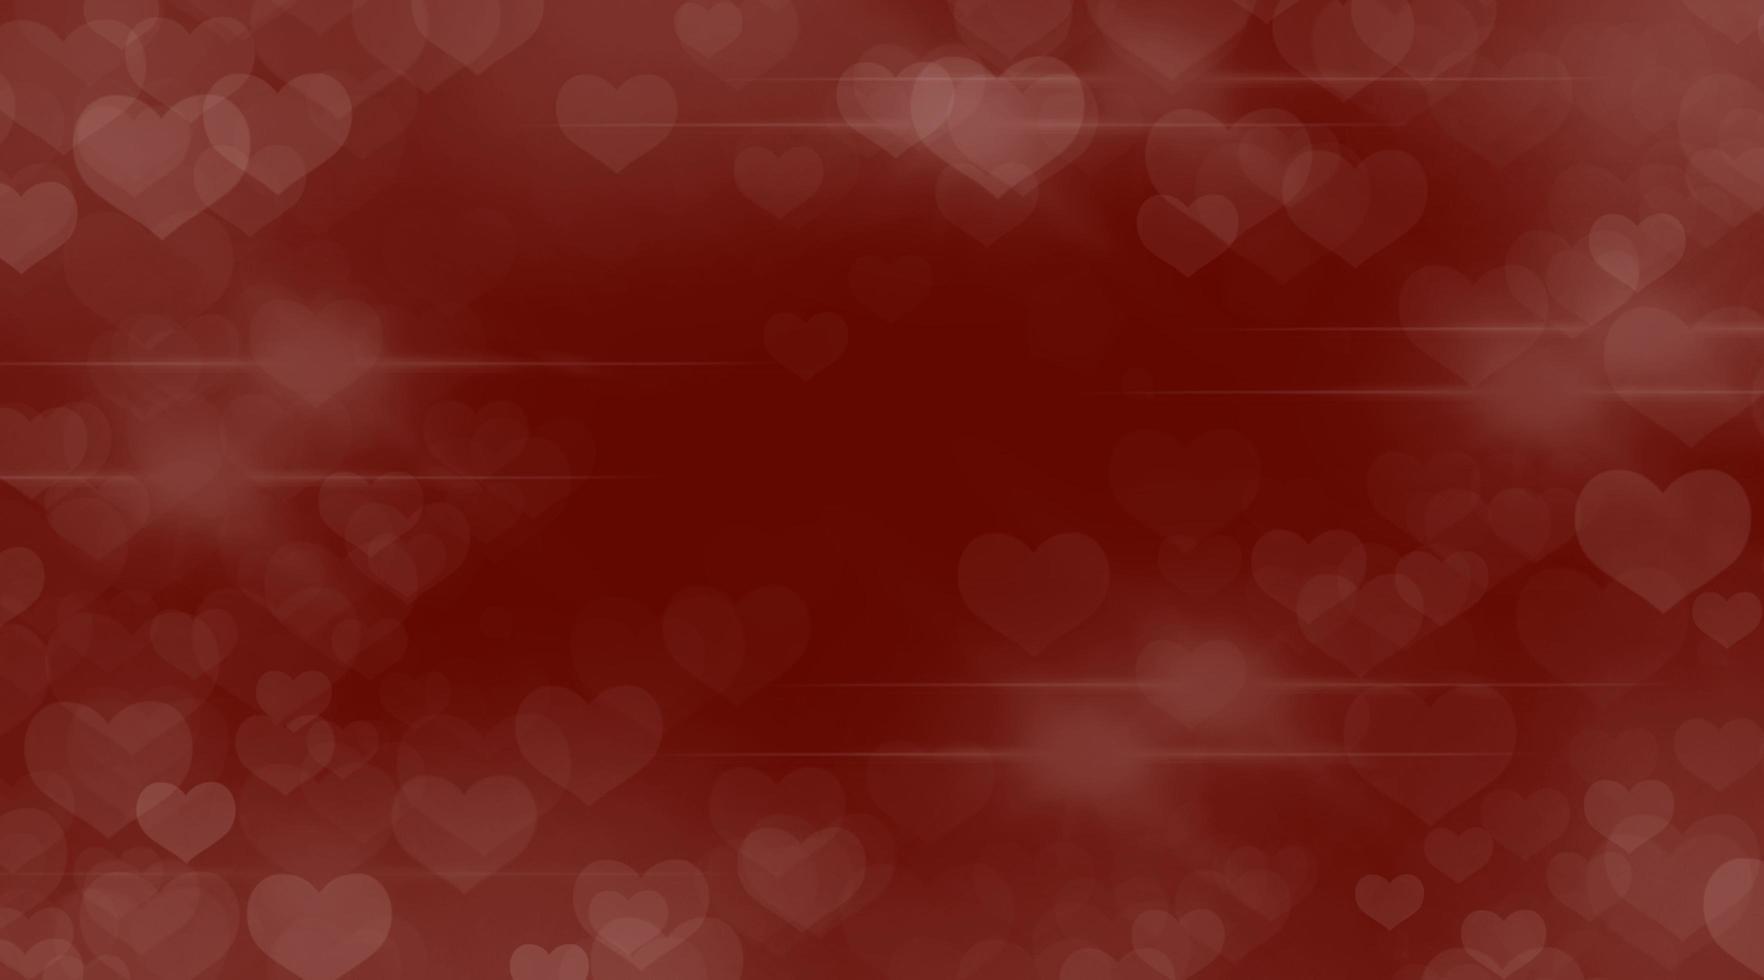 Valentijnsdag abstract met bokeh hart vormen op een rode achtergrond foto